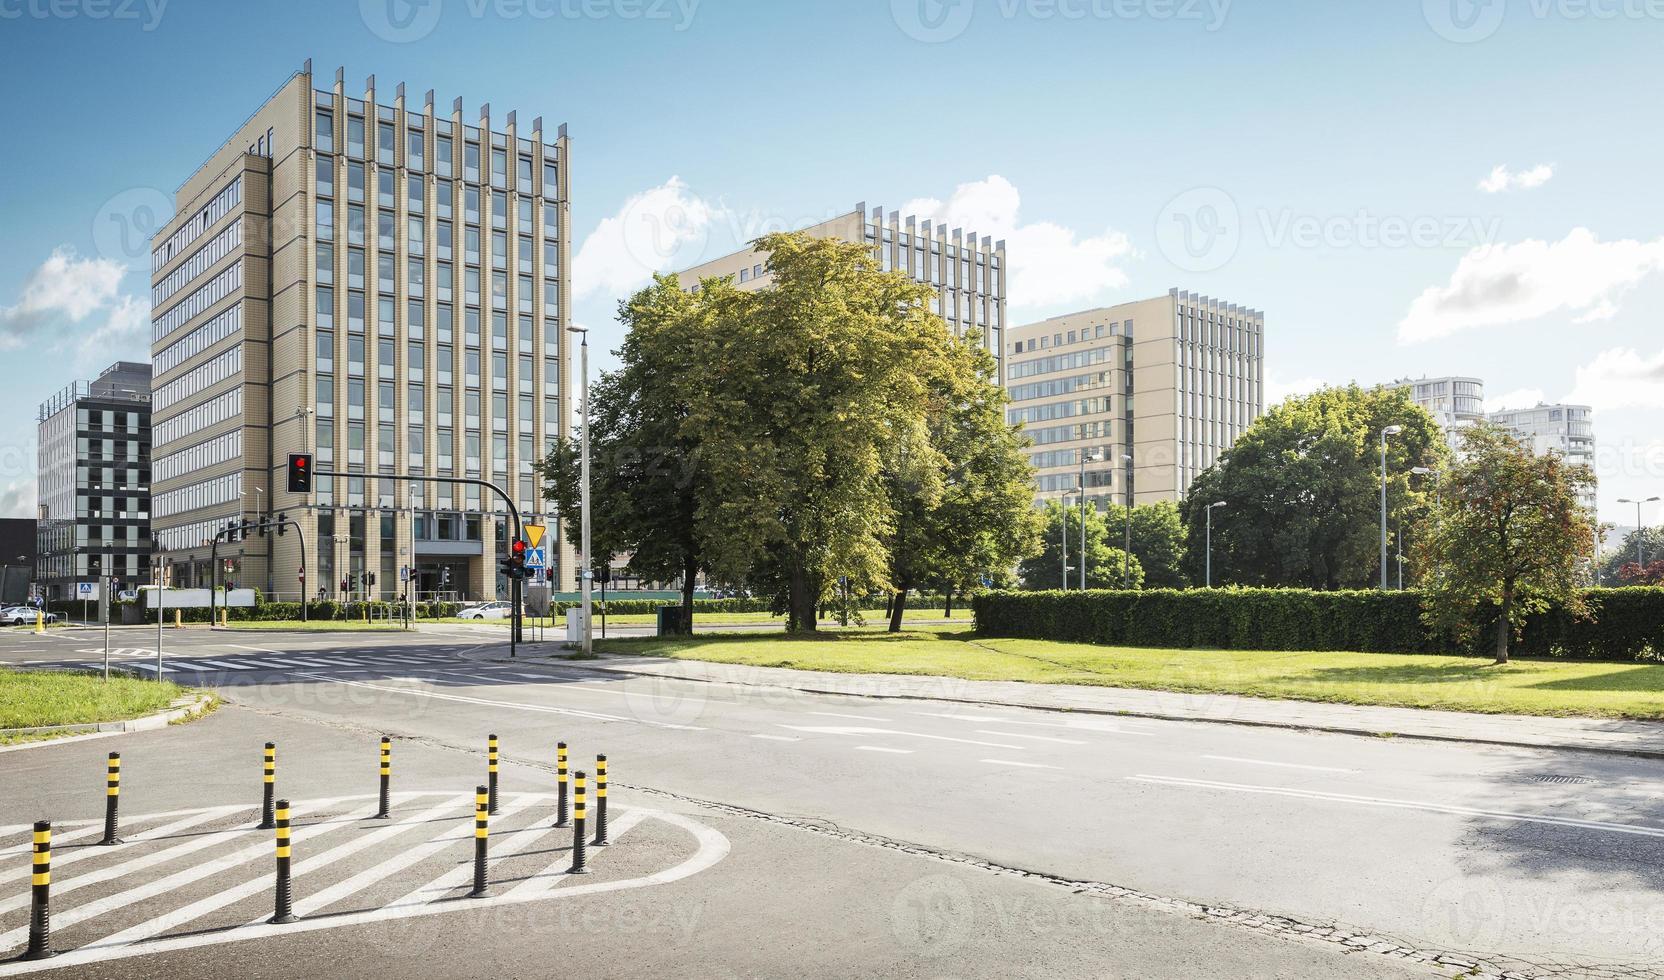 edifici per uffici nel quartiere degli affari di cracovia foto